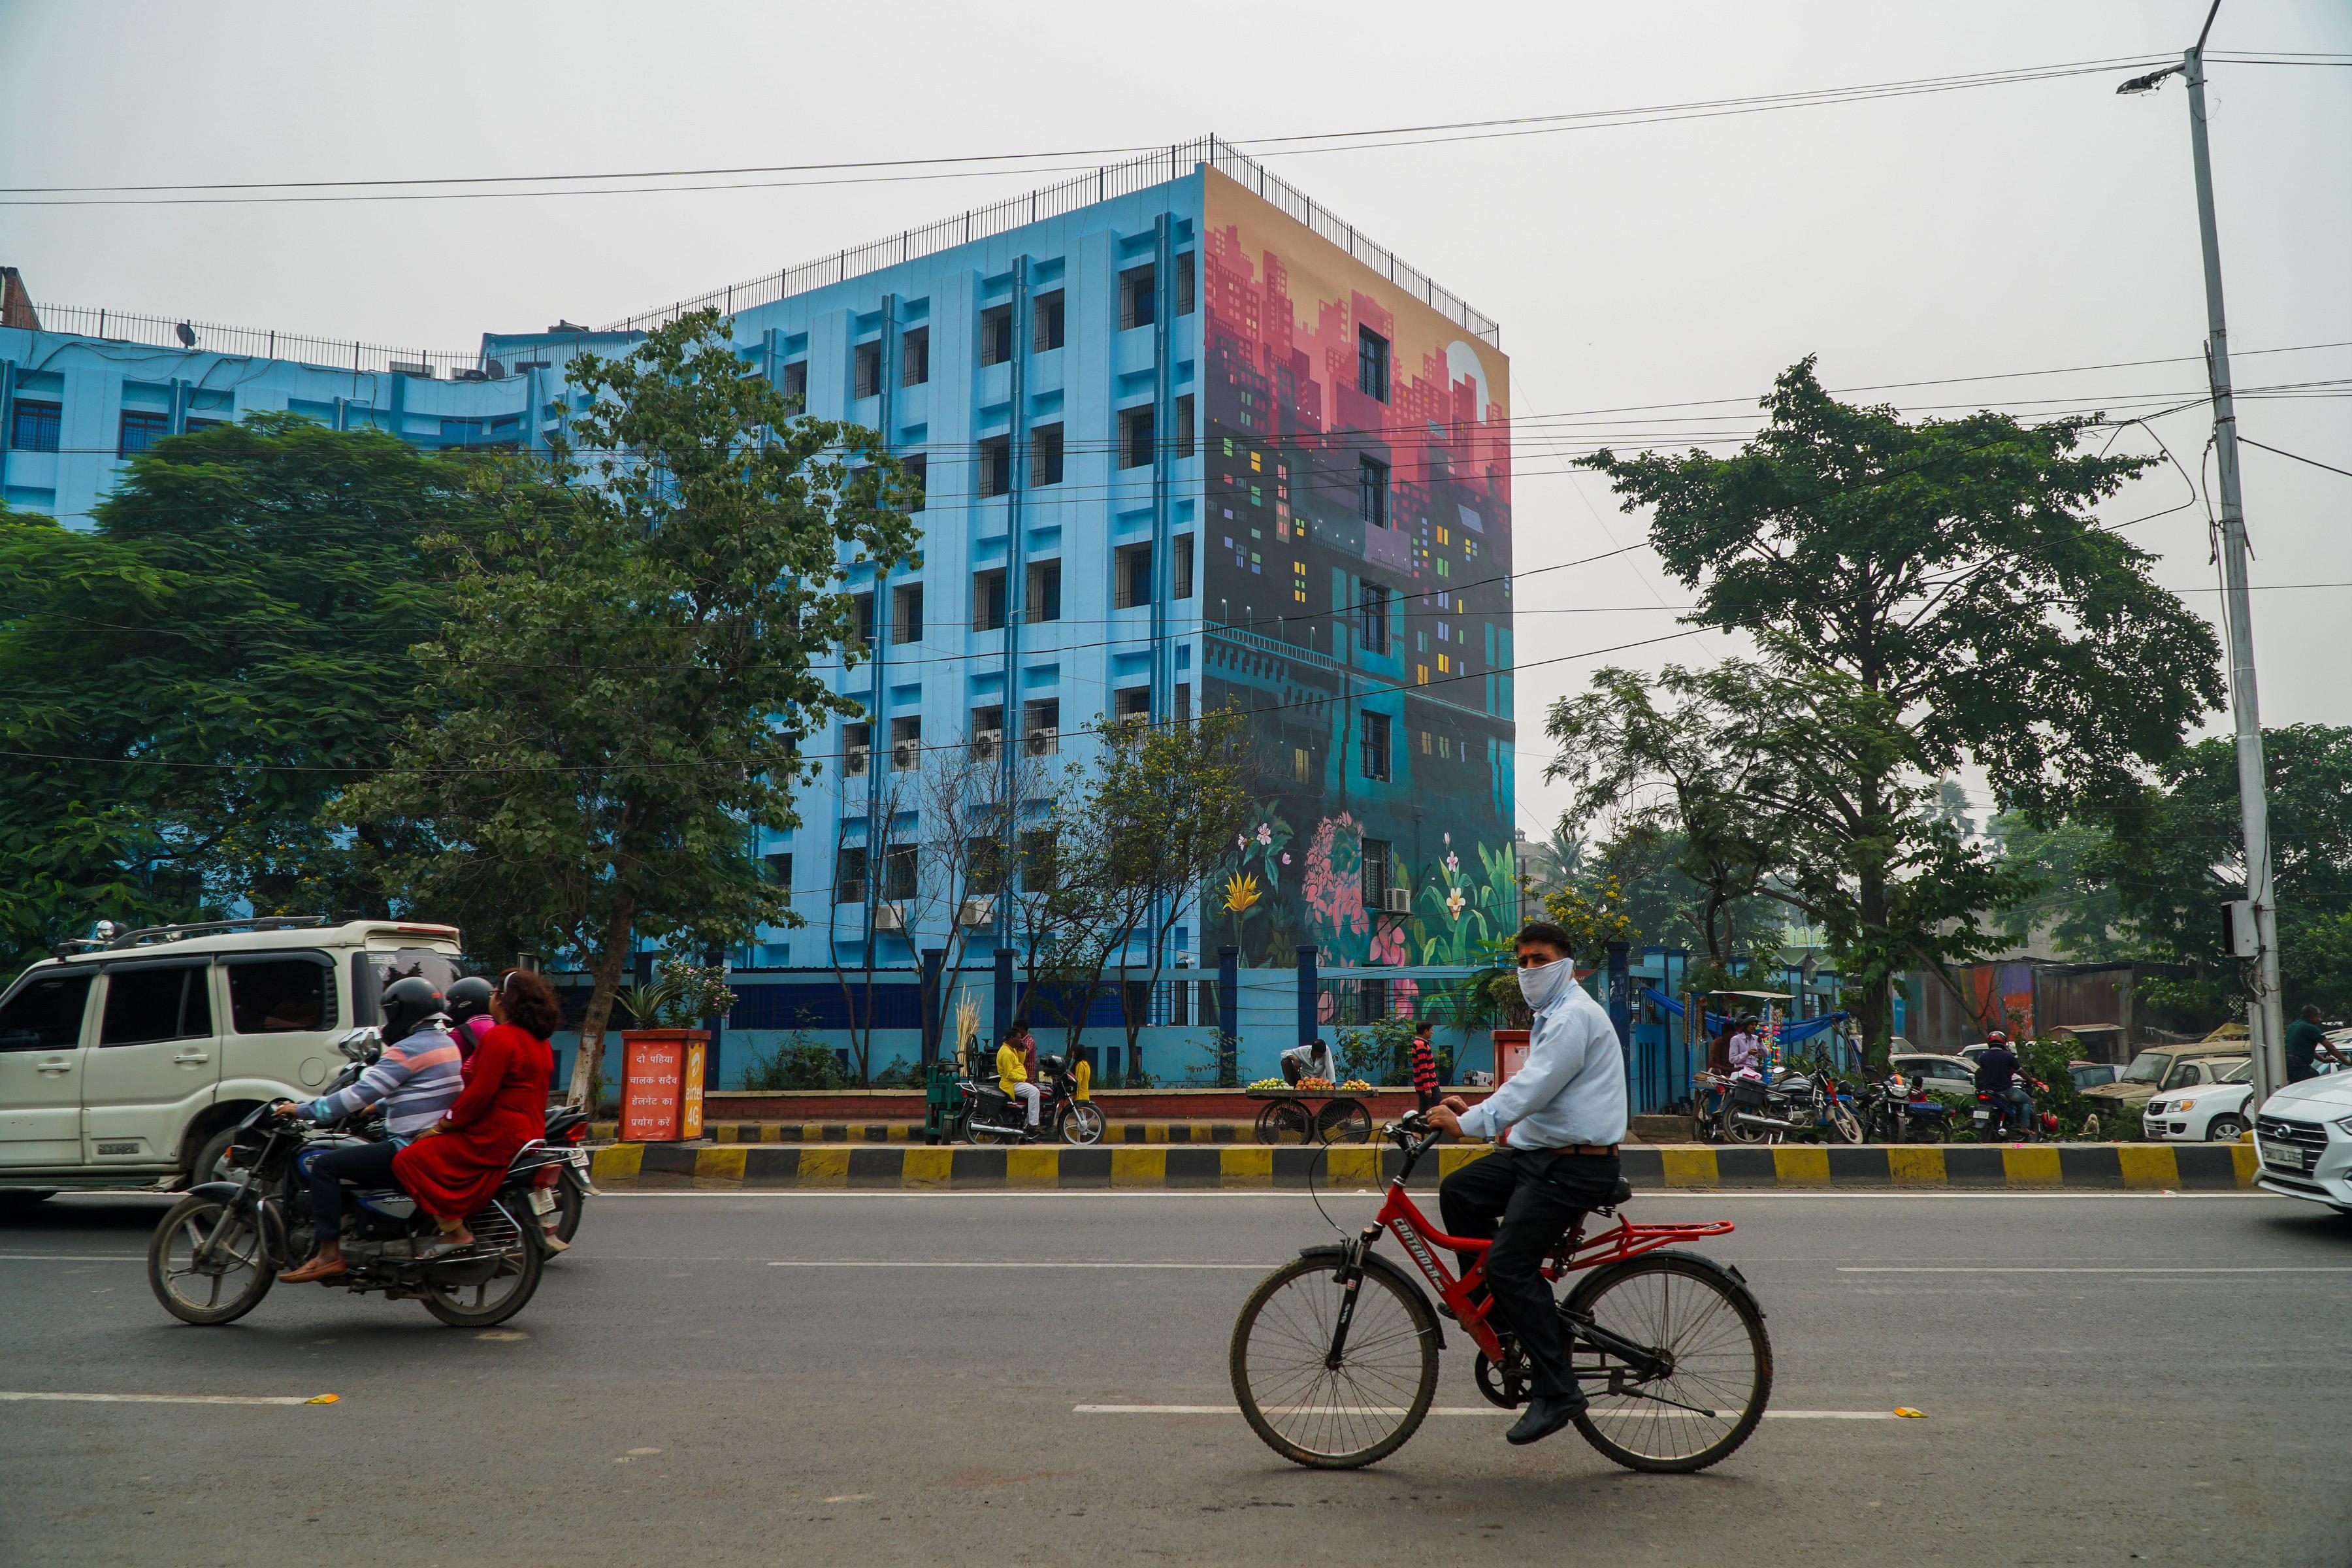 Munir Reveals Wall 5 St Art Patna 2019 6